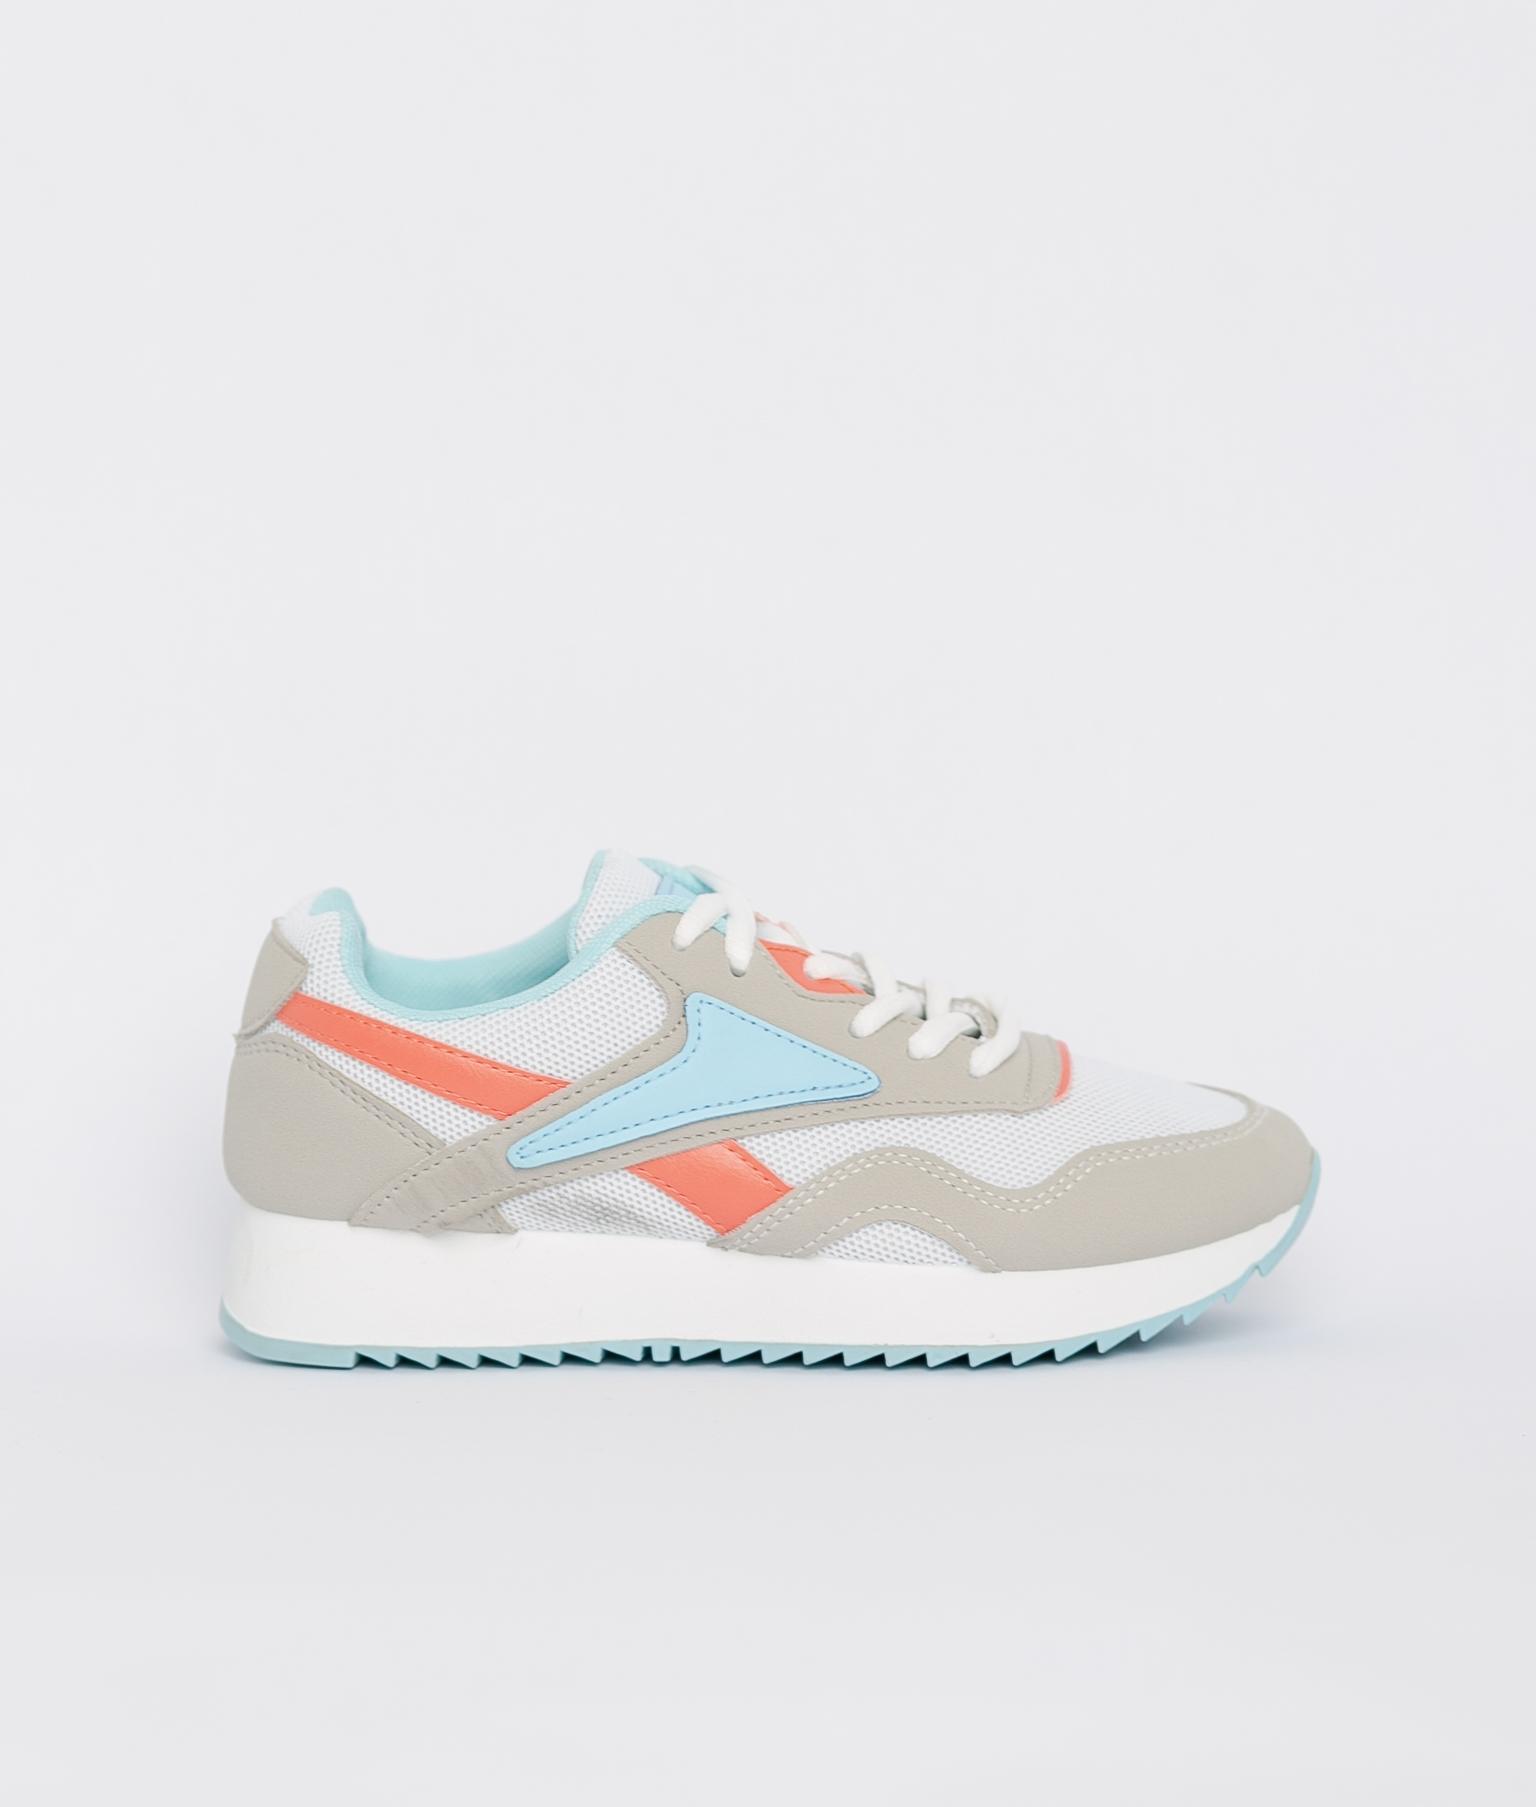 Sneakers Rame - Branco/Azul